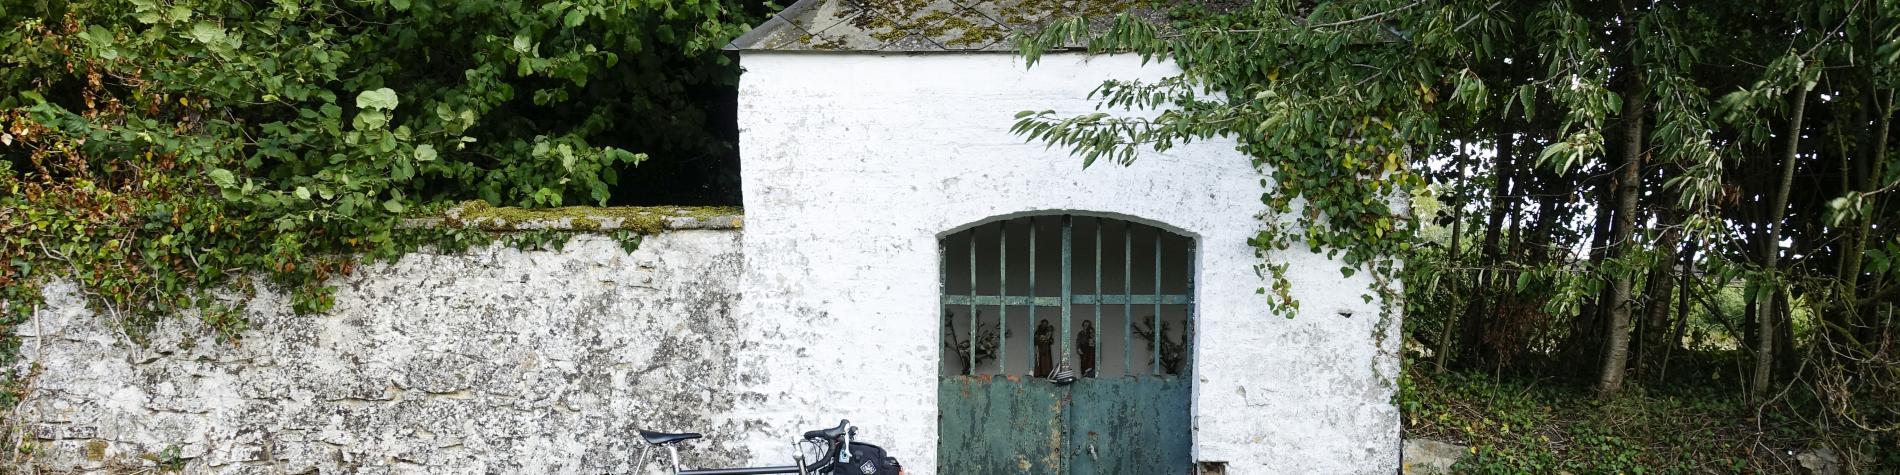 Vélo posé contre une maisonnette blanche